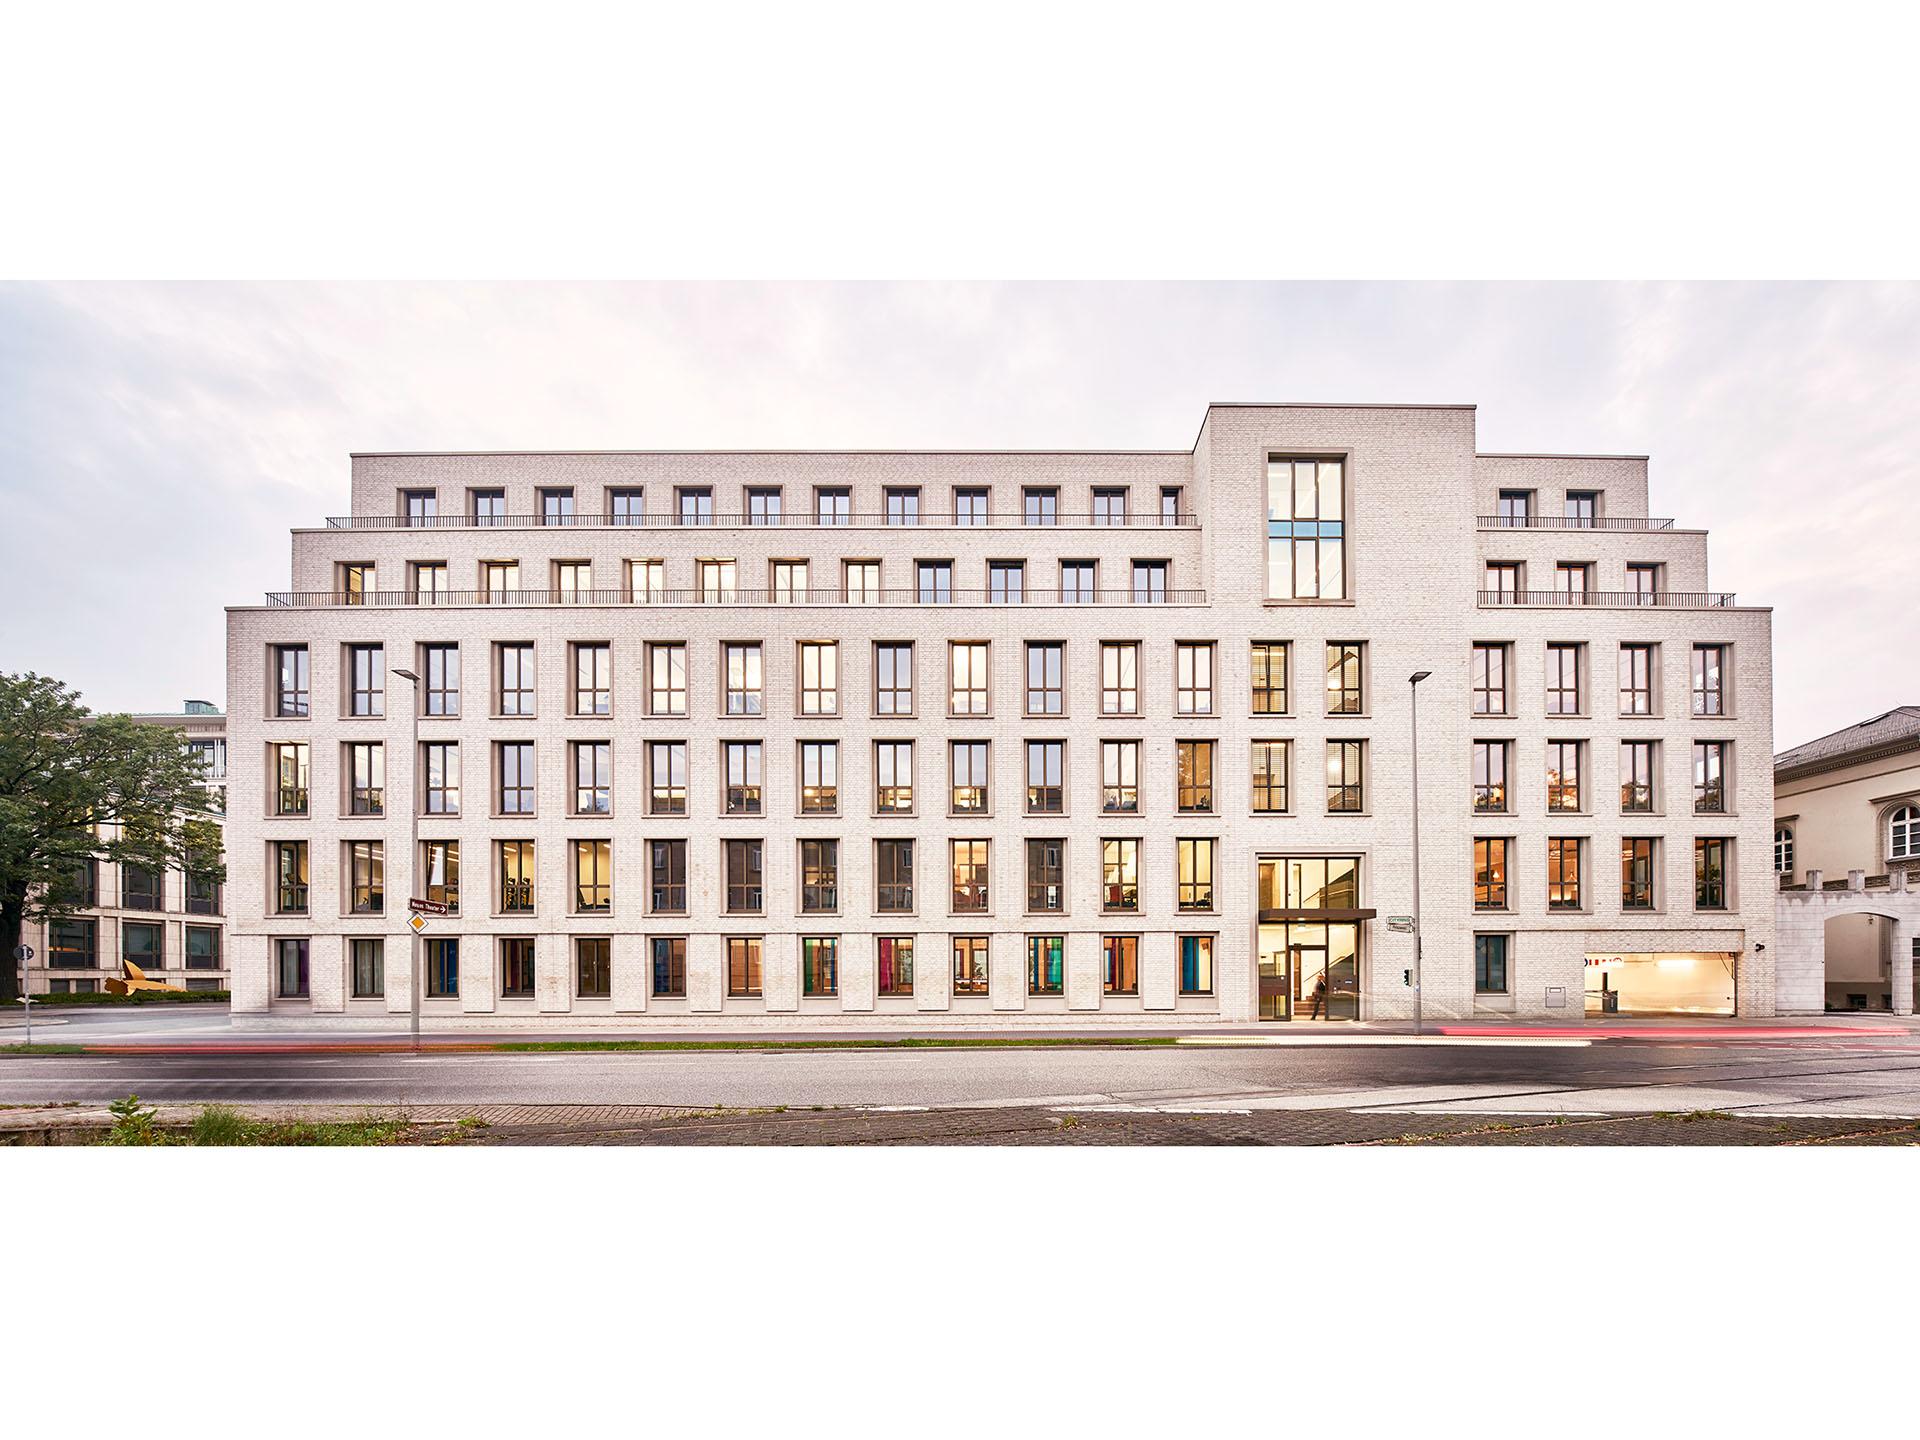 Architekturfoto: Fassadengestaltung Prinzenstraße Hannover, gruppeomp architekten